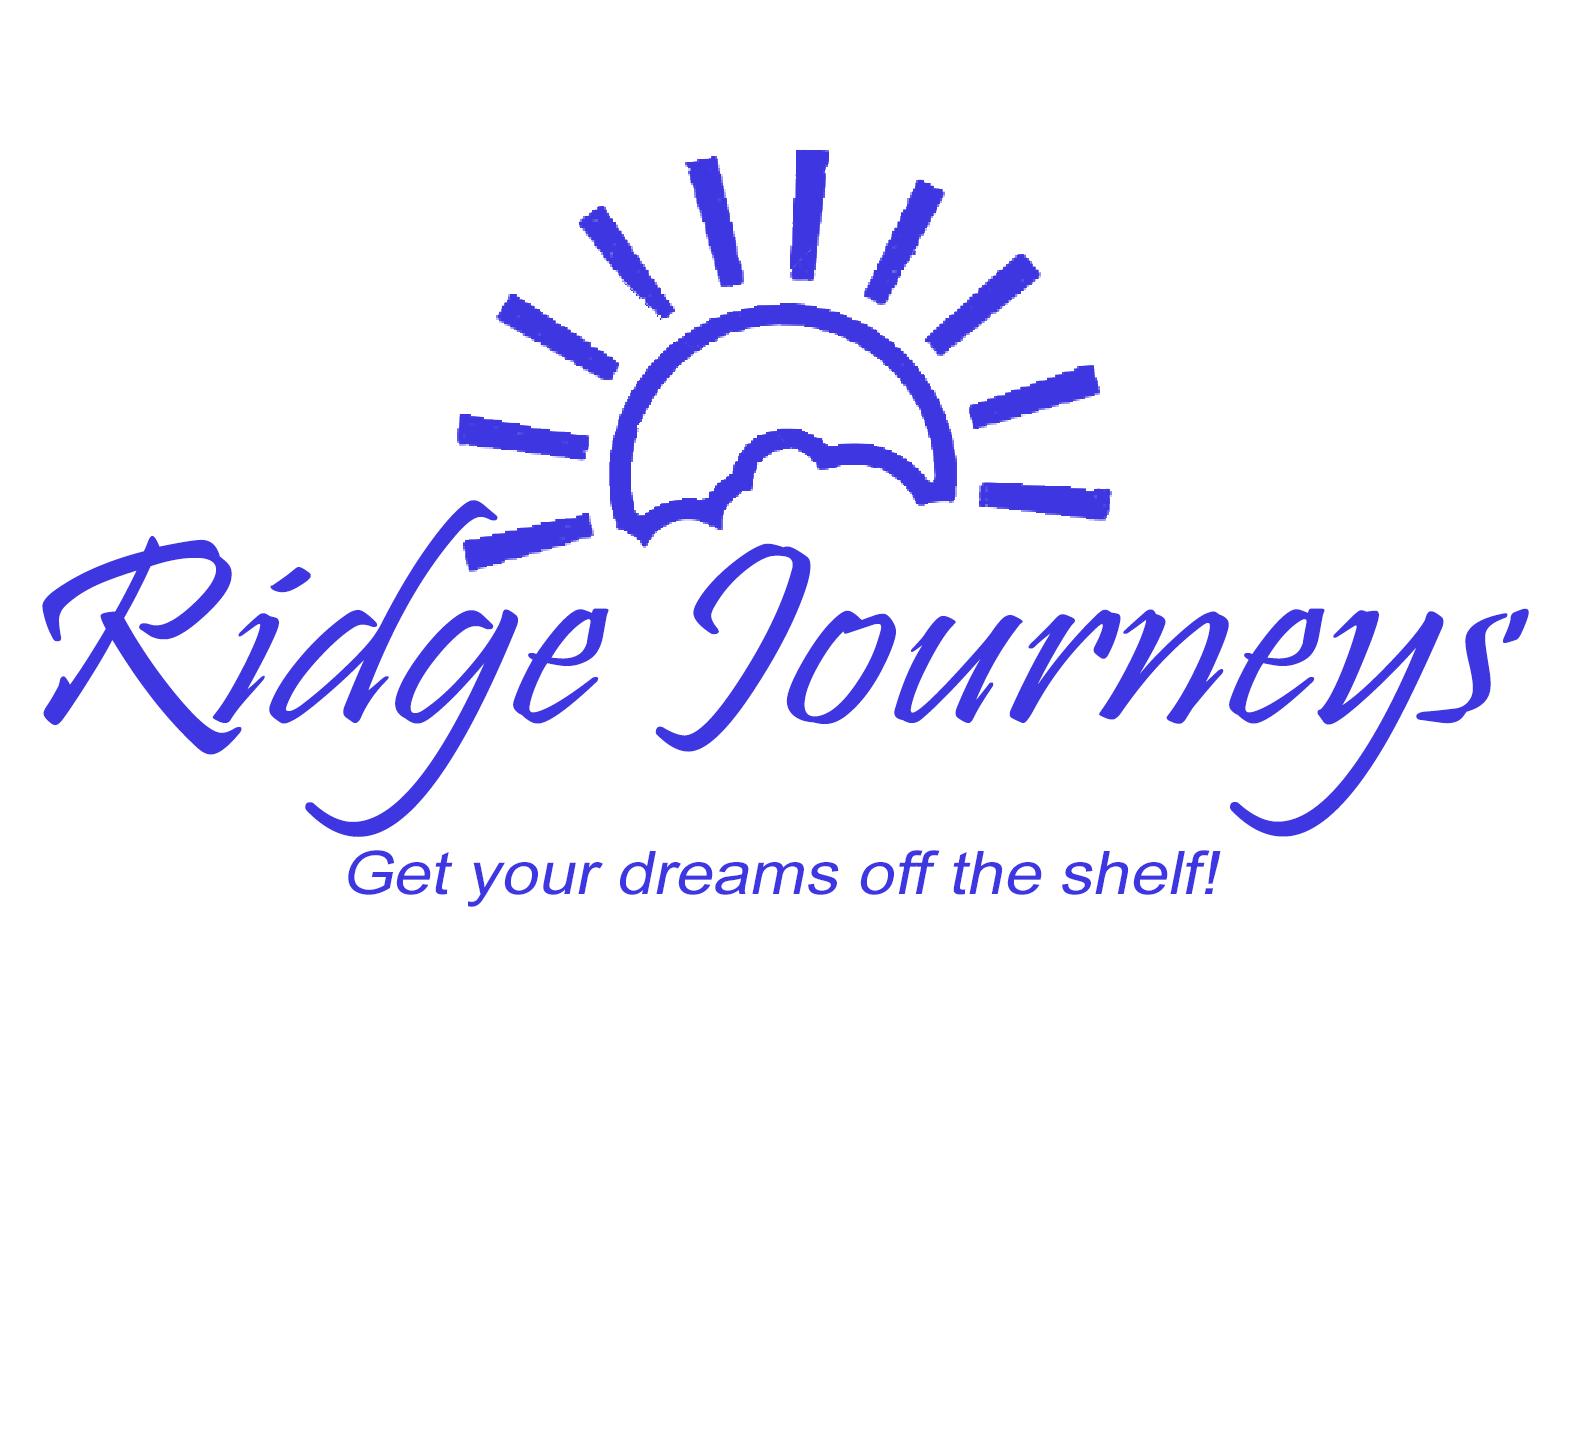 Ridge Journeys